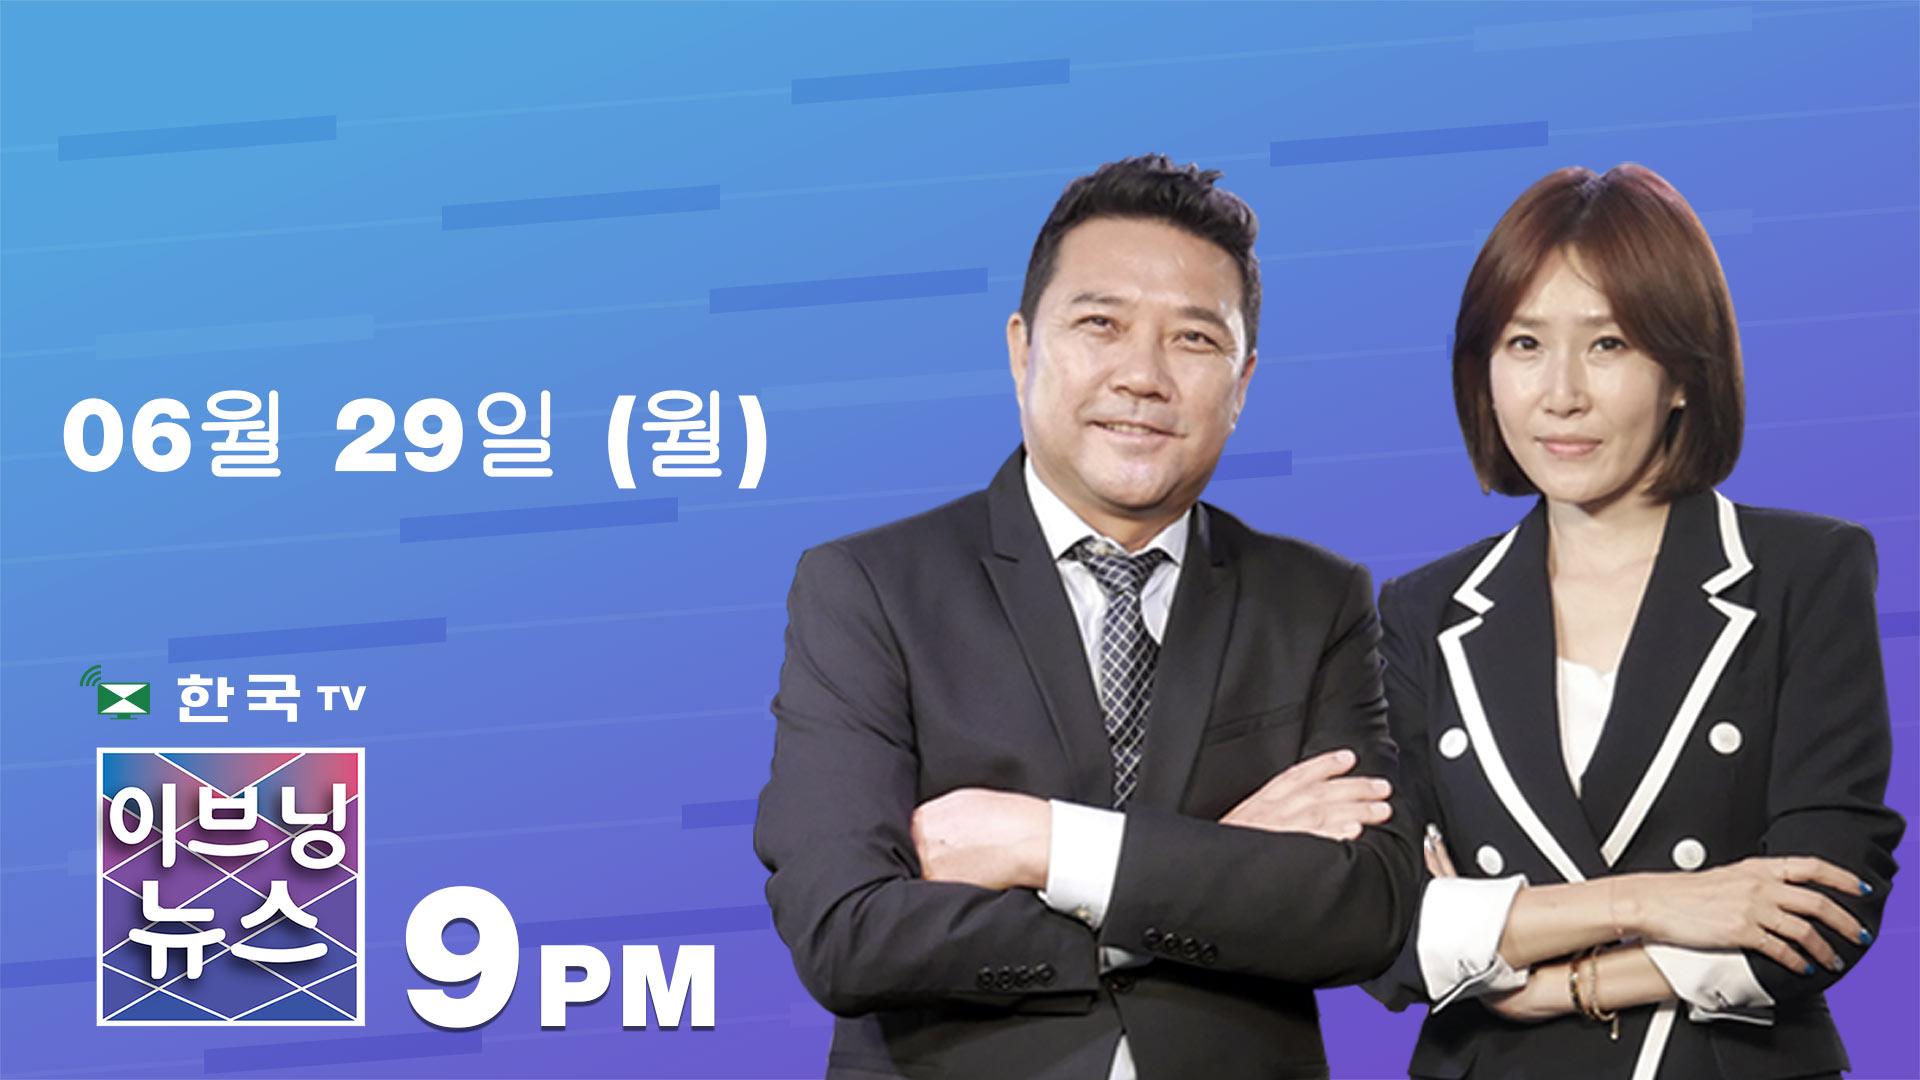 (06.29.2020) 한국TV 이브닝 뉴스